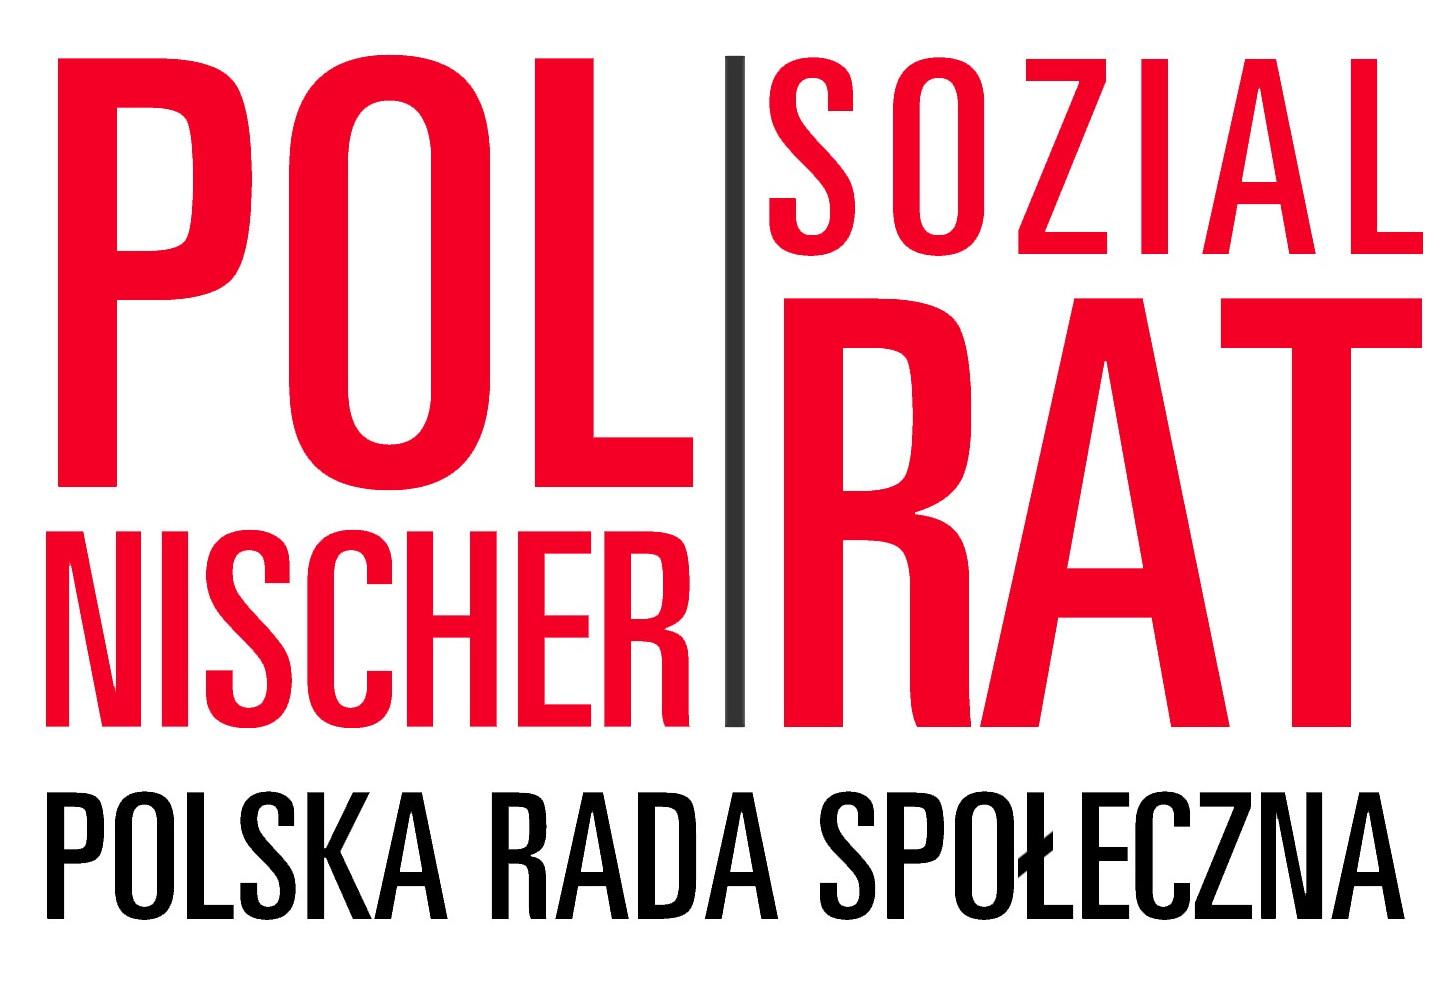 Polnischer Sozialrat e.V.